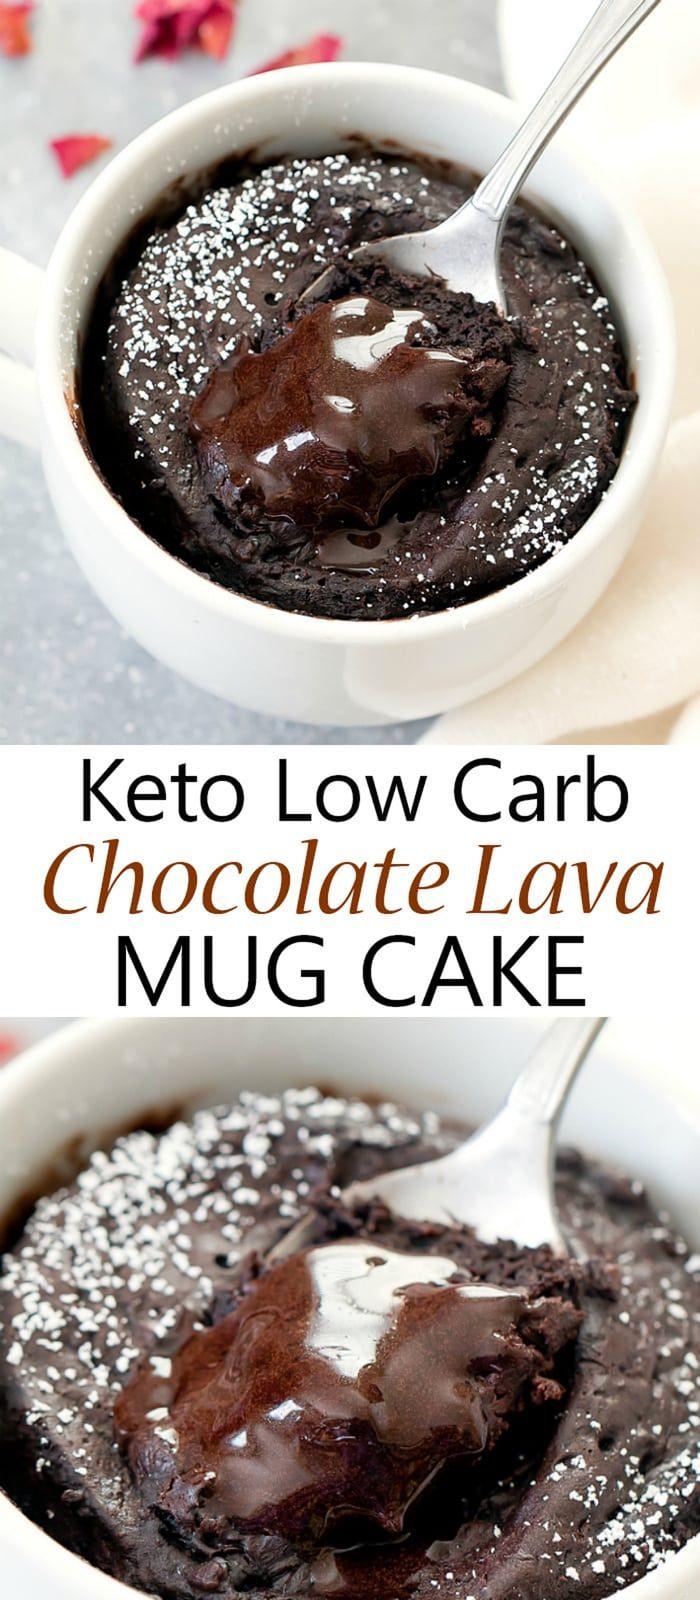 Keto Chocolate Lava Mug Cake